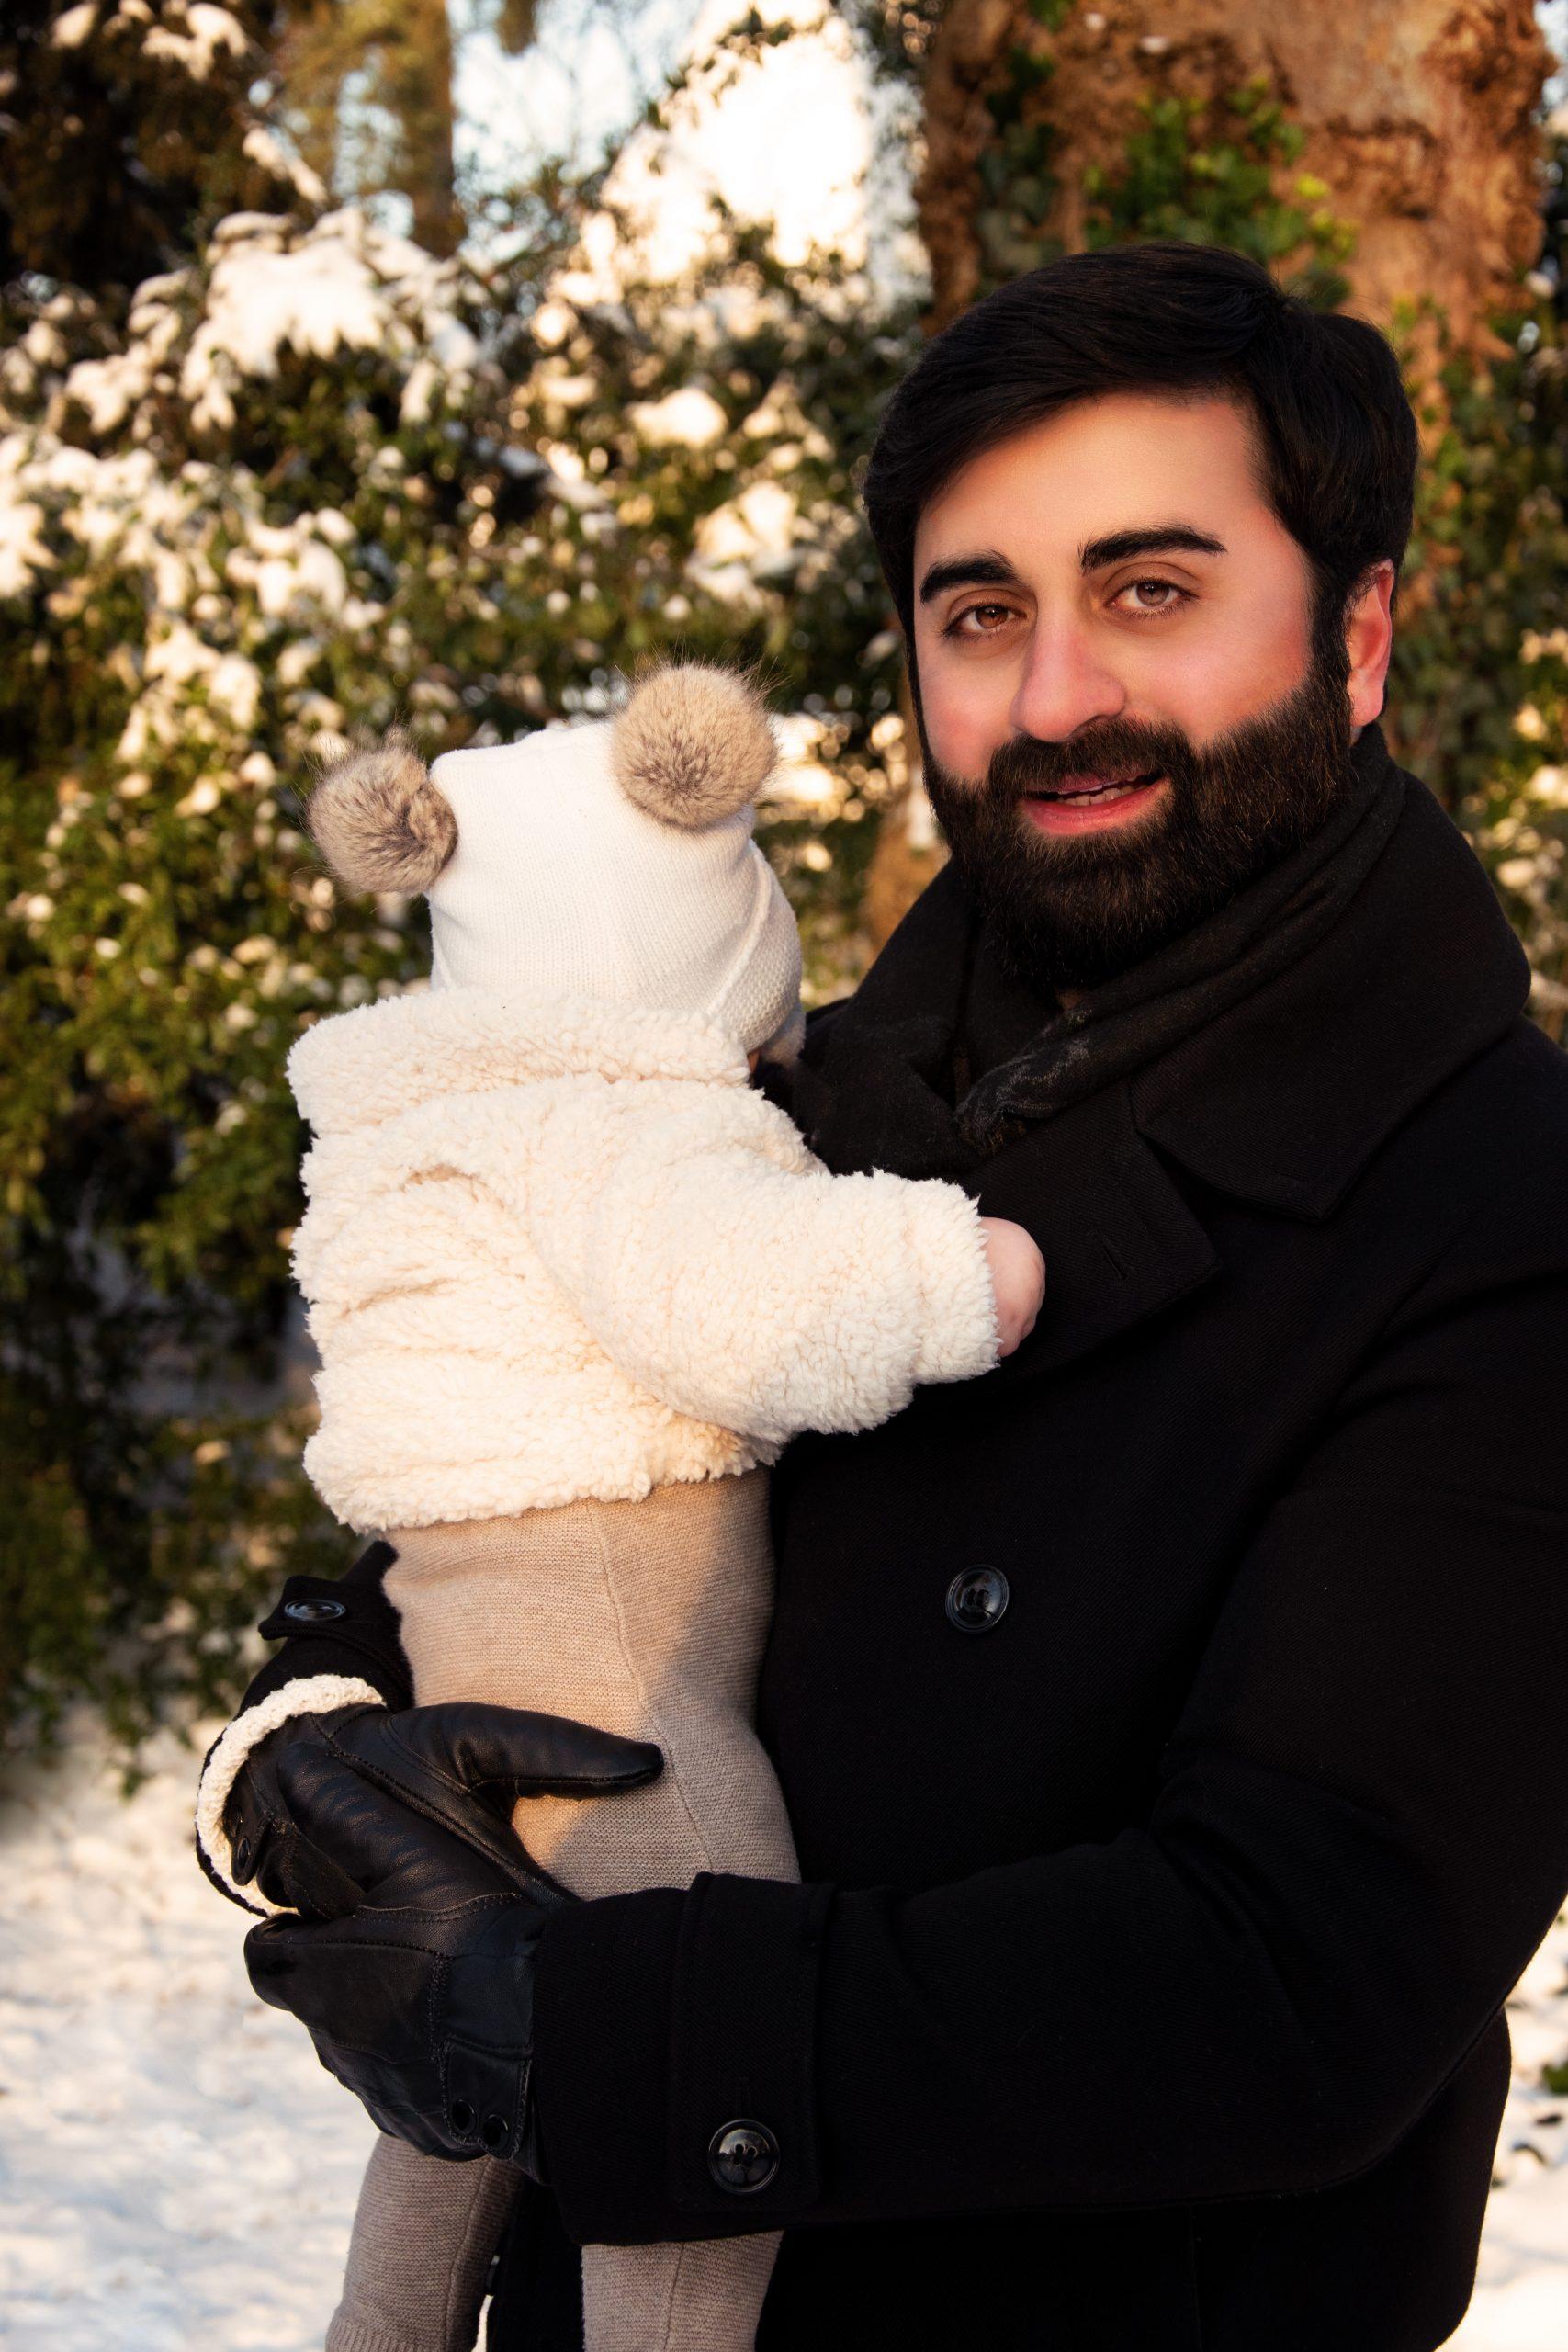 Familien fotografin Kaarst, Familien fotografin Neuss, Baby Fotografin Neuss